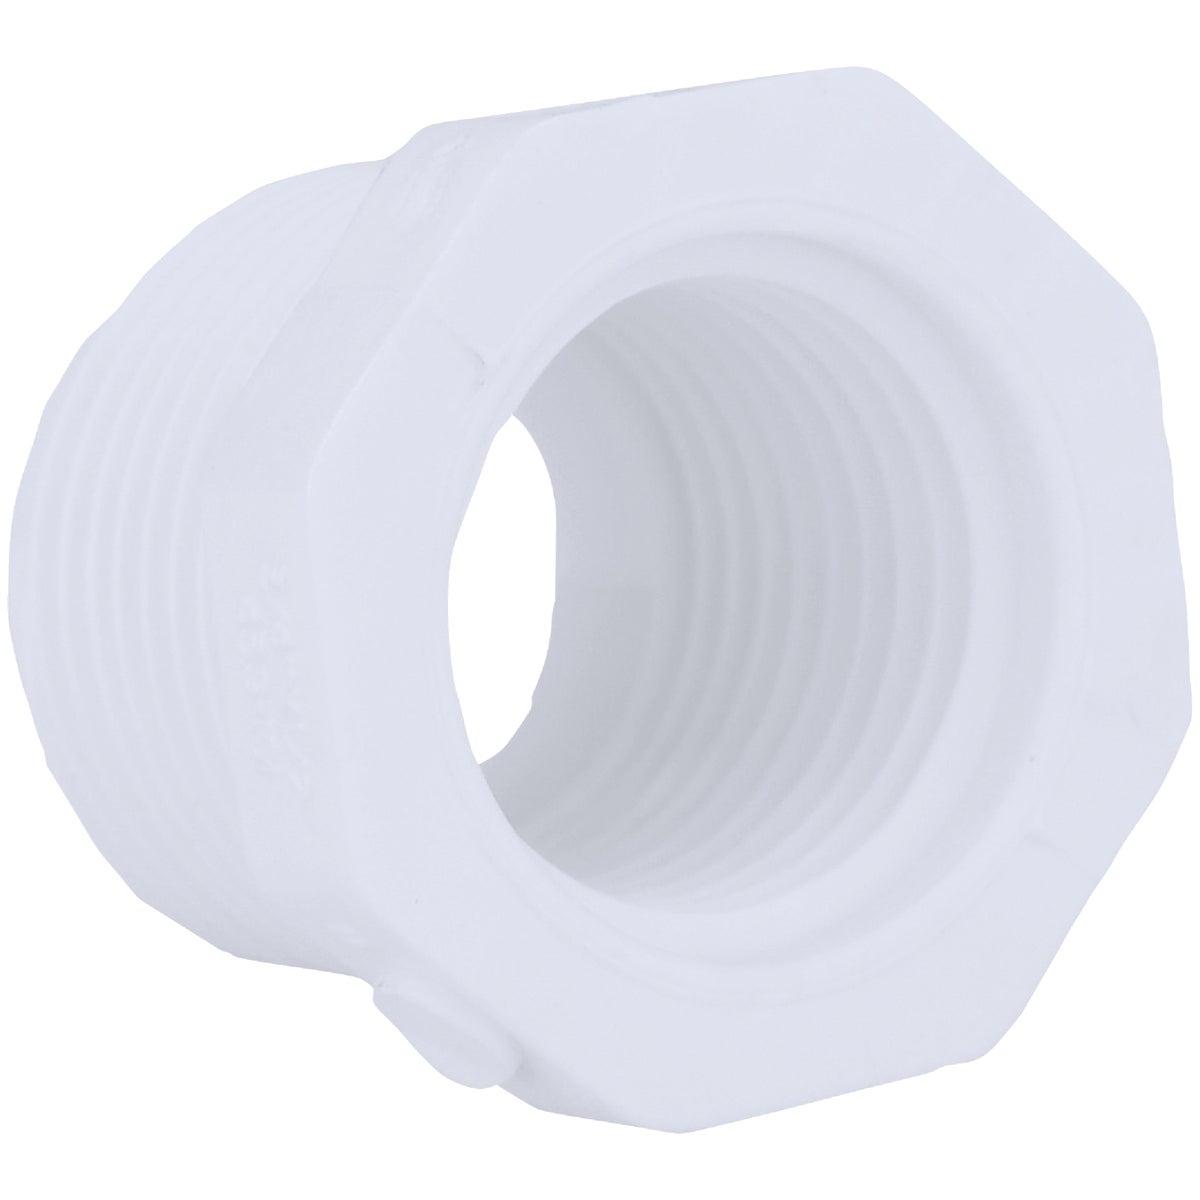 2X1 PVC MIPXFIP BUSHING